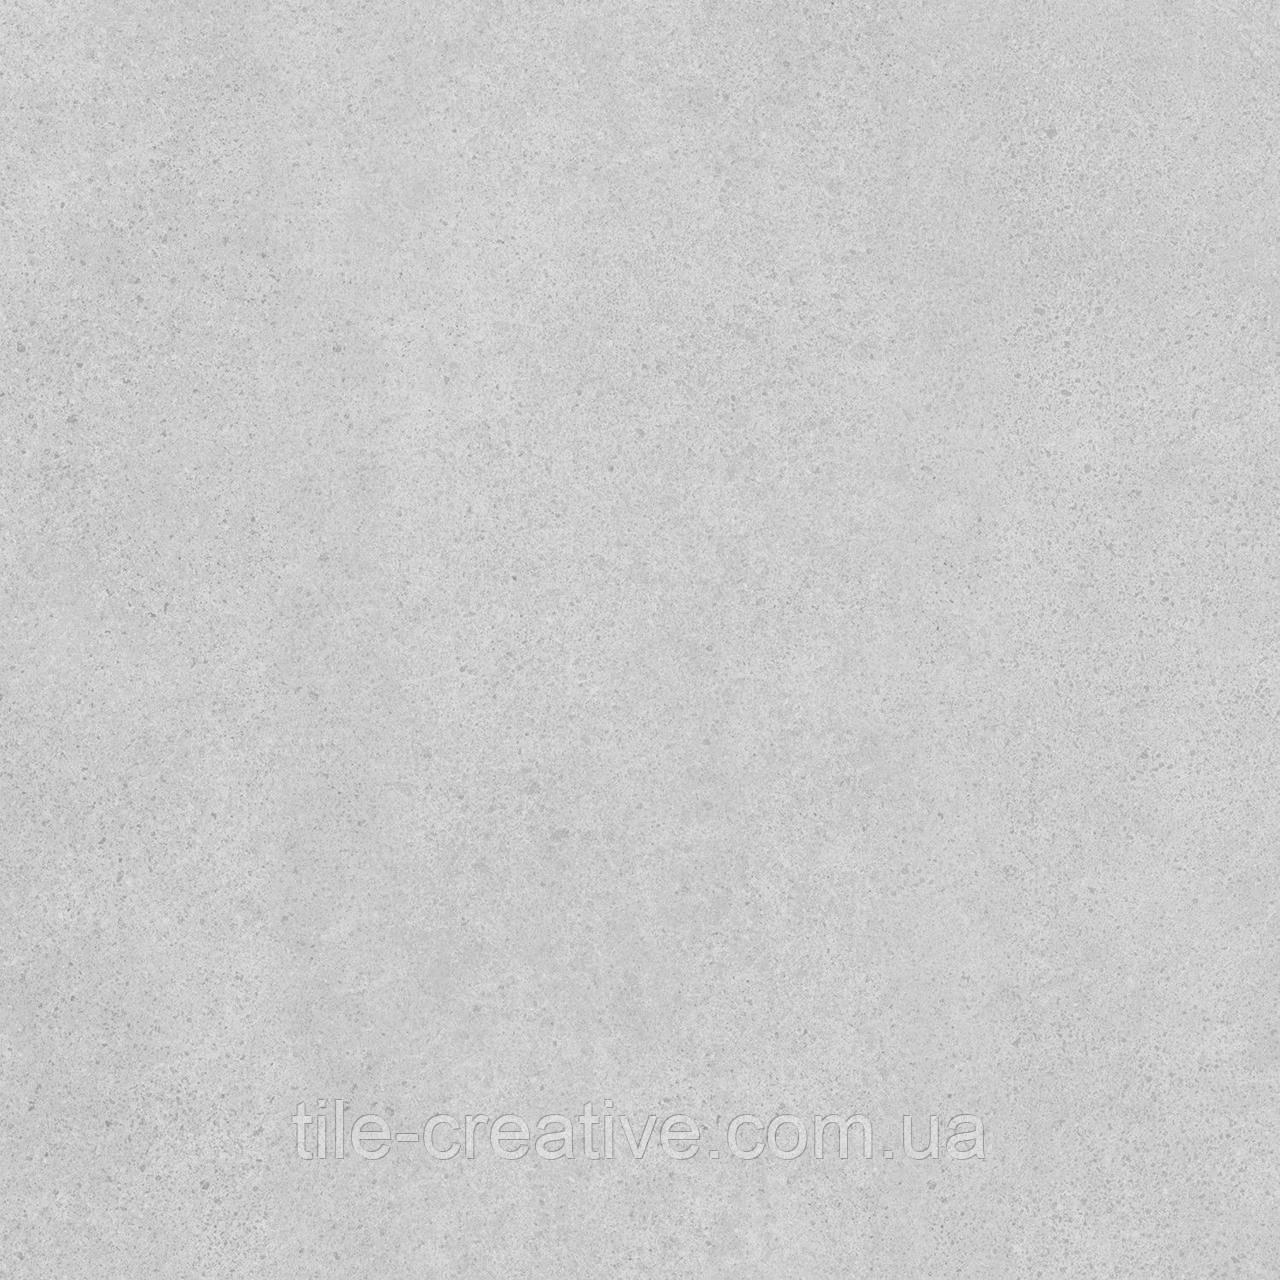 Керамический гранит Безана сірий світлий обрізний 50,2х50,2, SG457900R